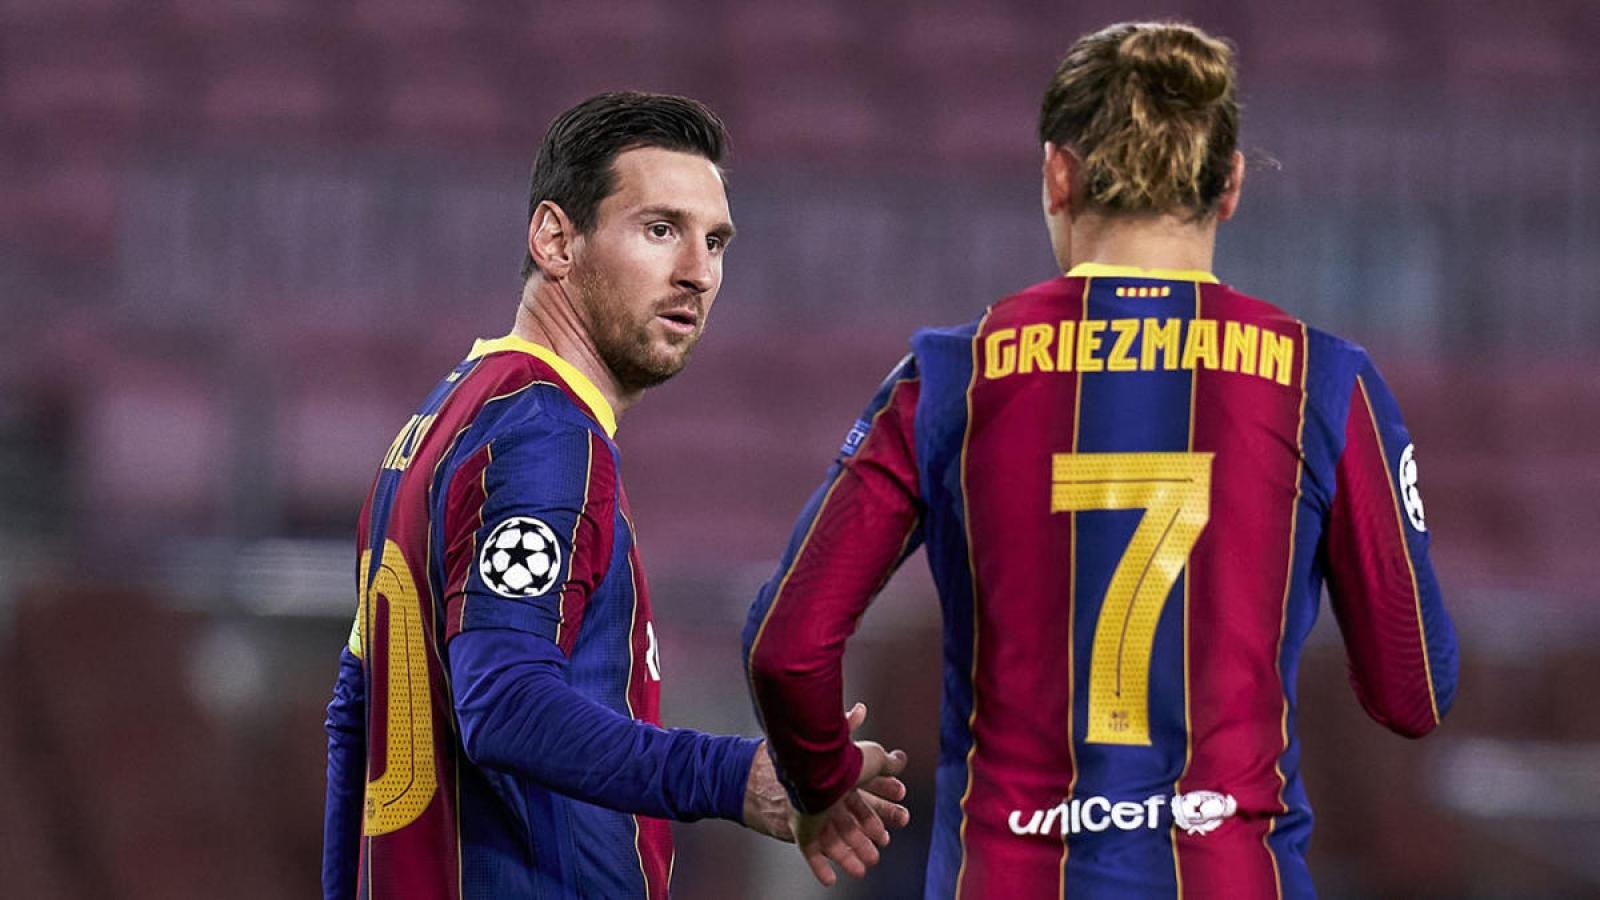 """Messi đăng đàn """"khẩu chiến"""" với người đại diện cũ của Griezmann"""